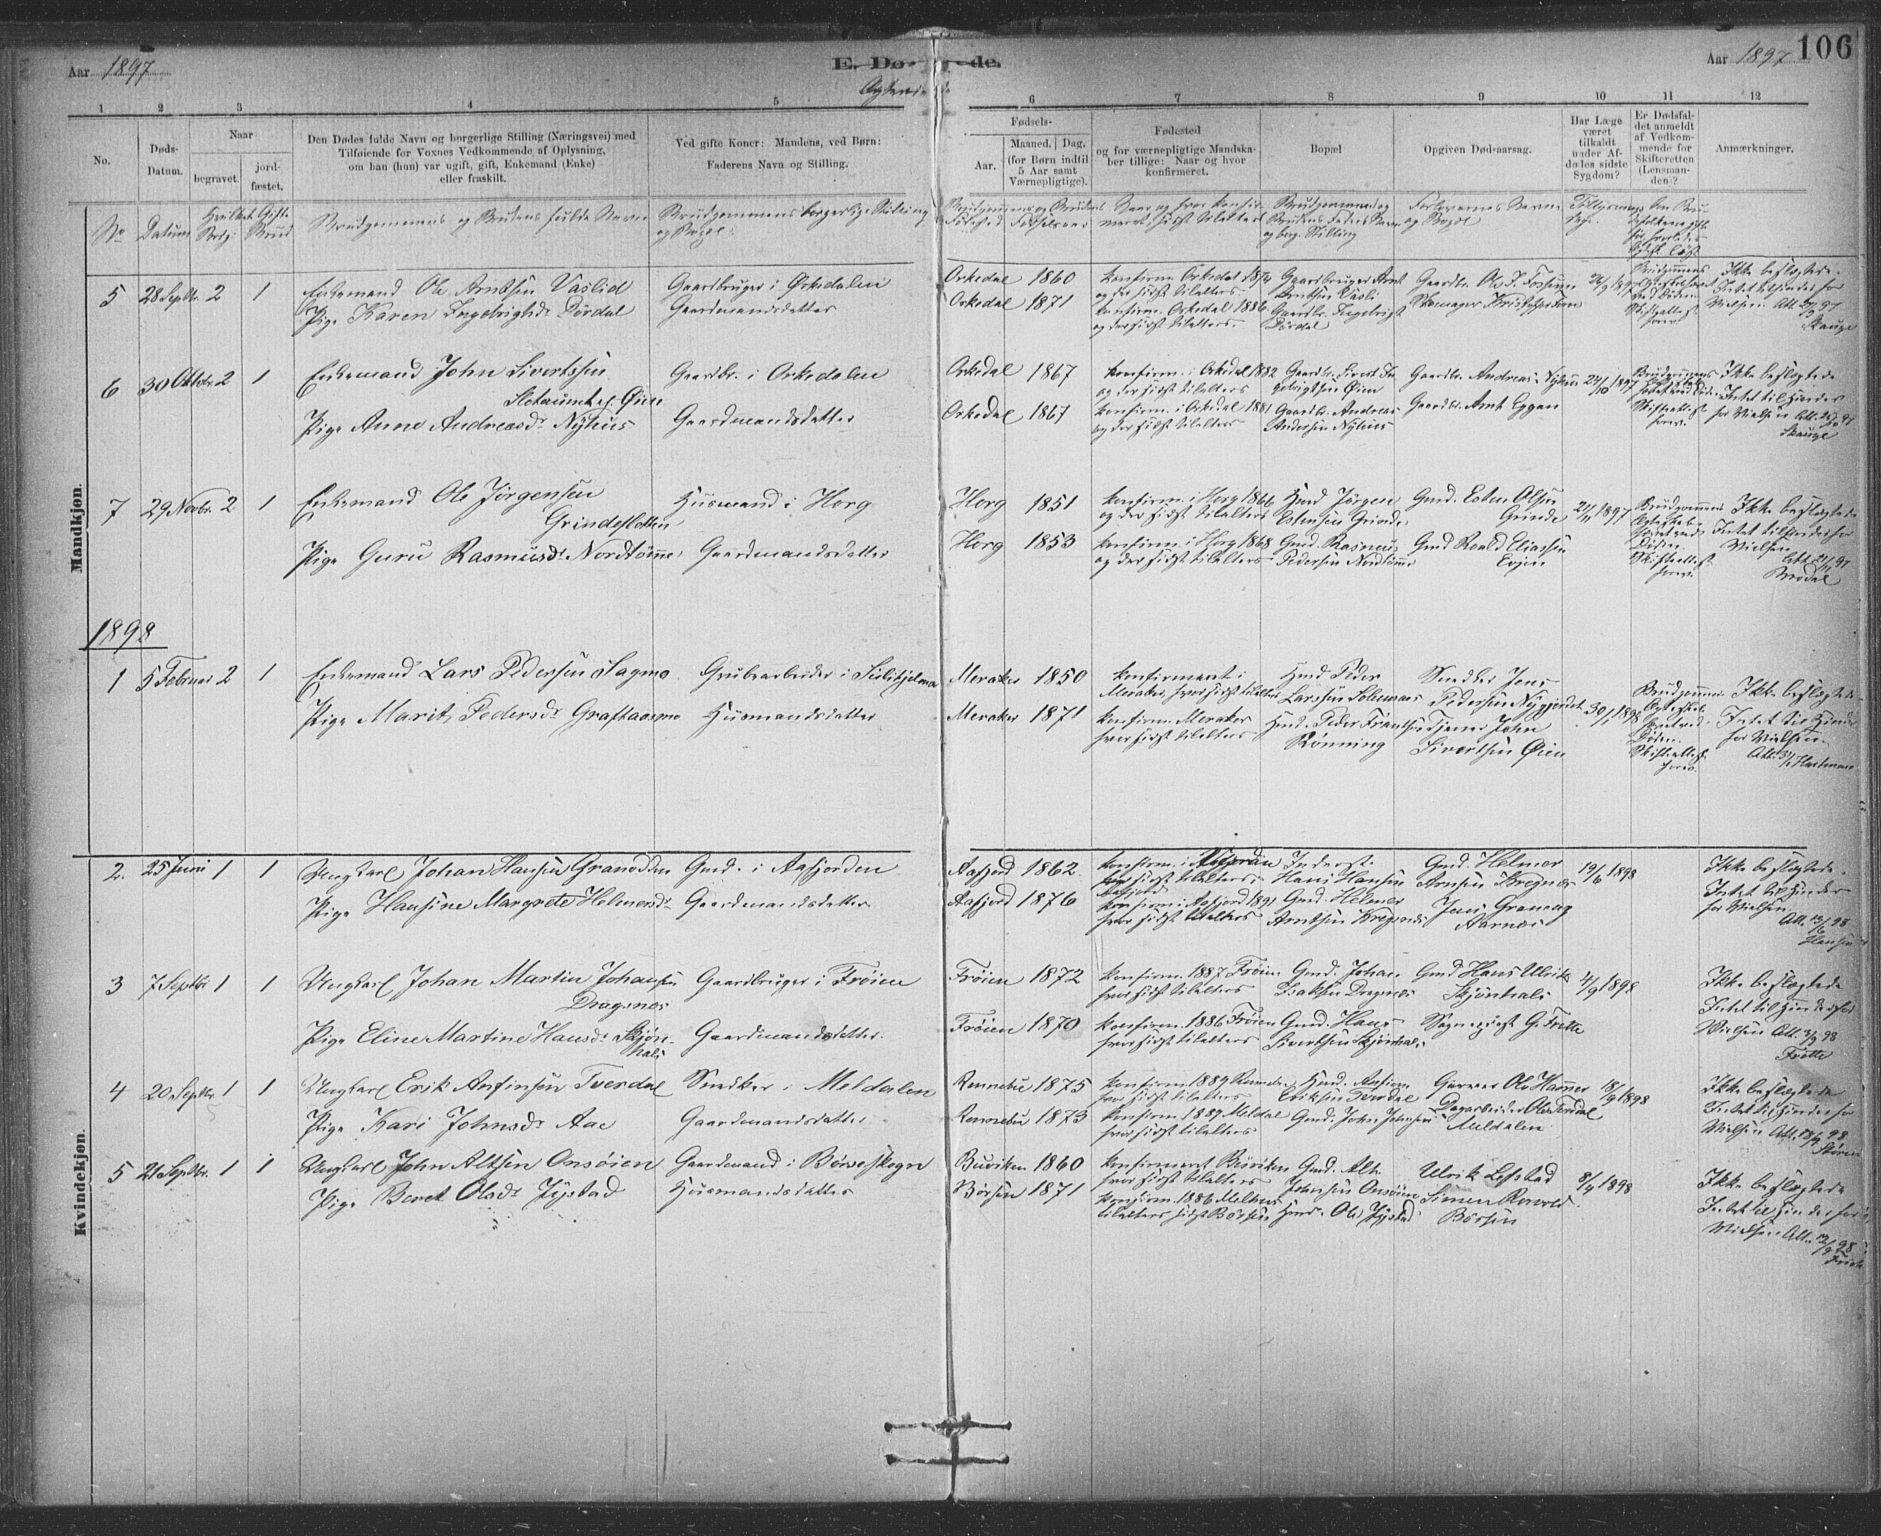 SAT, Ministerialprotokoller, klokkerbøker og fødselsregistre - Sør-Trøndelag, 623/L0470: Ministerialbok nr. 623A04, 1884-1938, s. 106